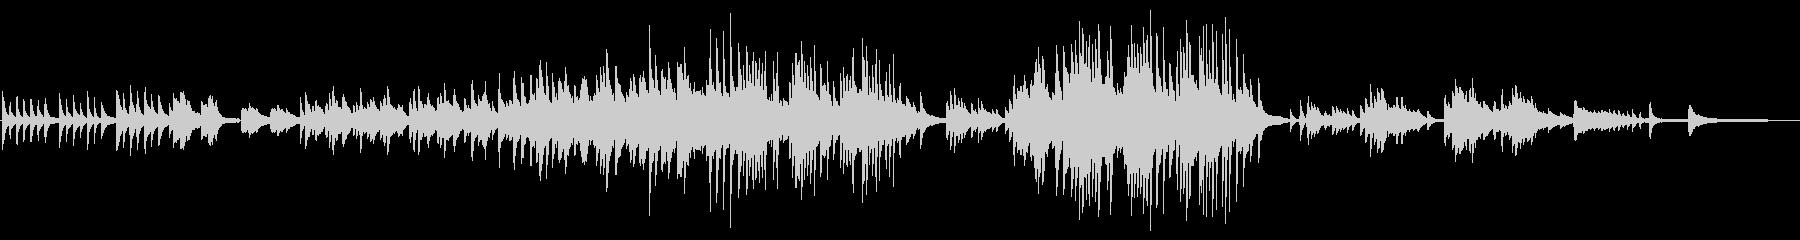 「あの日咲いたヒマワリへ」ピアノソロの未再生の波形